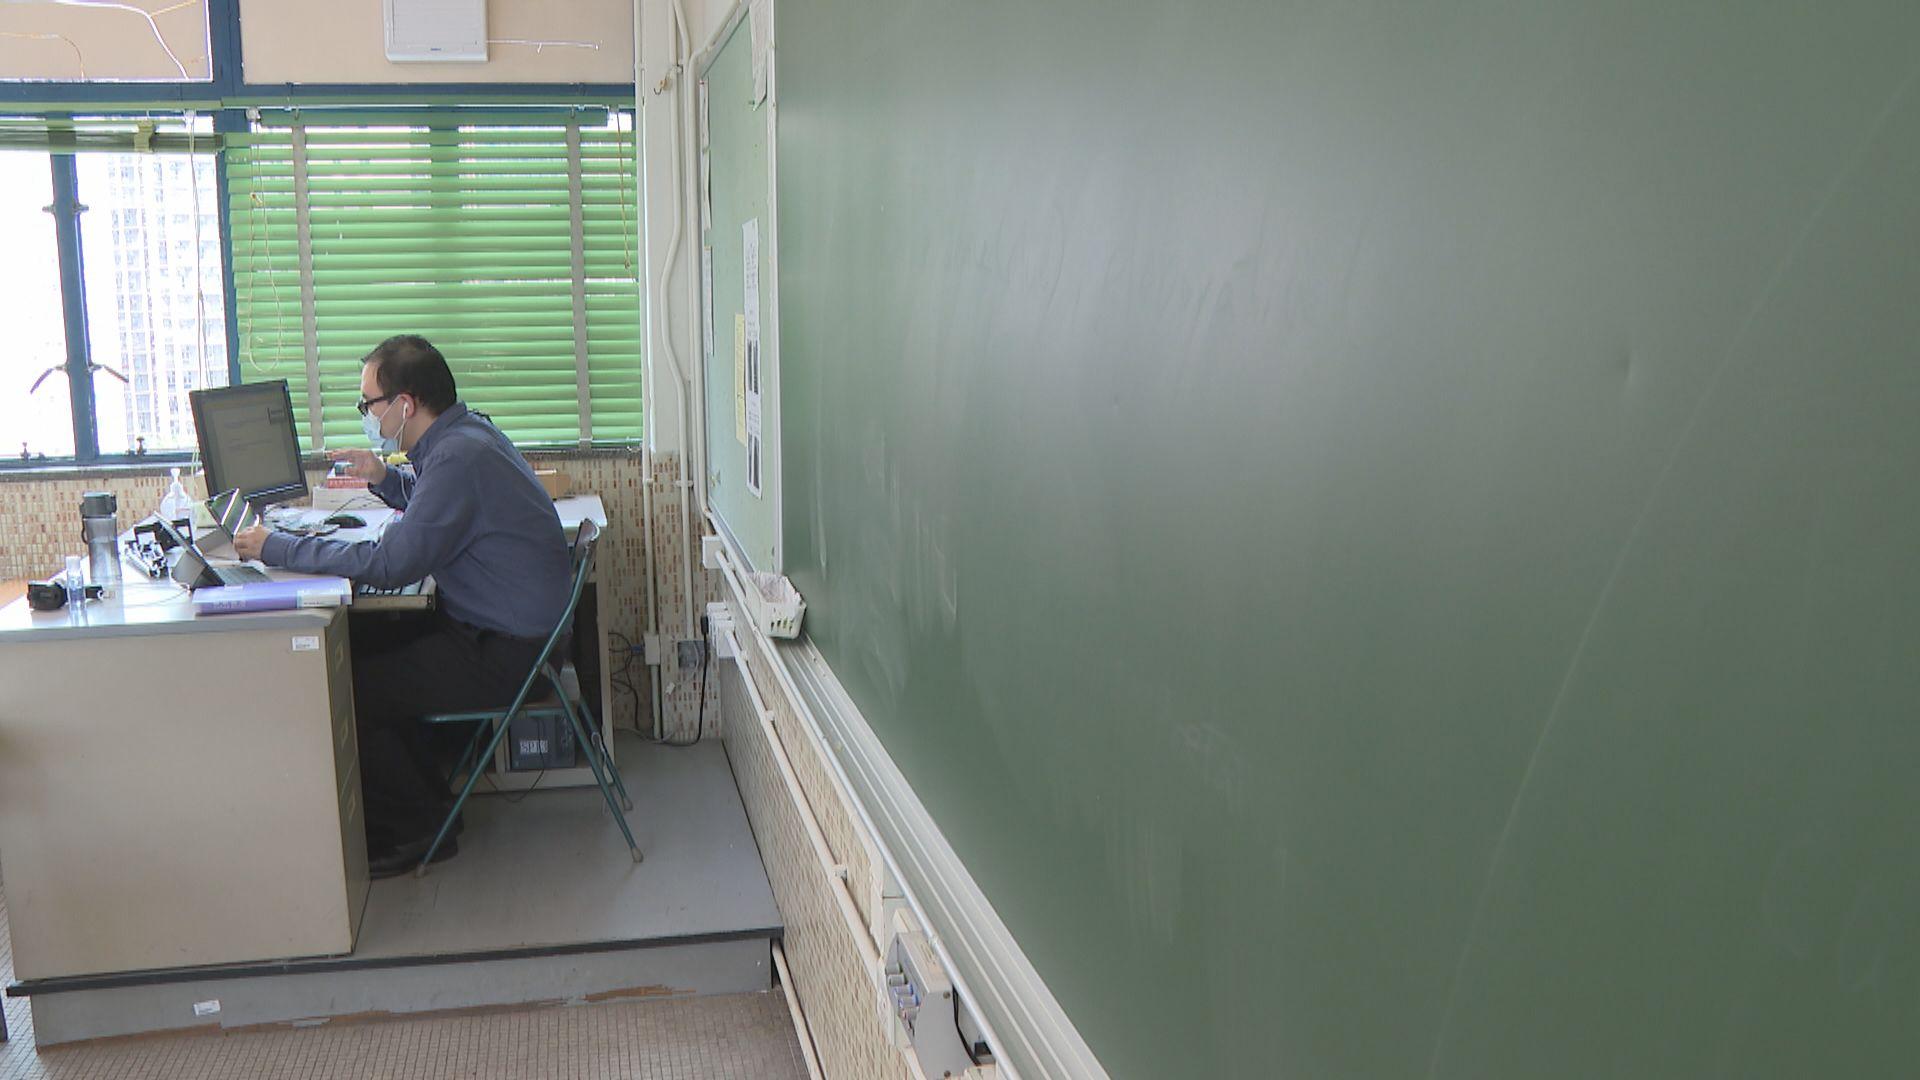 【經緯線本周提要】教學模式轉變大 高中老師忙迎戰